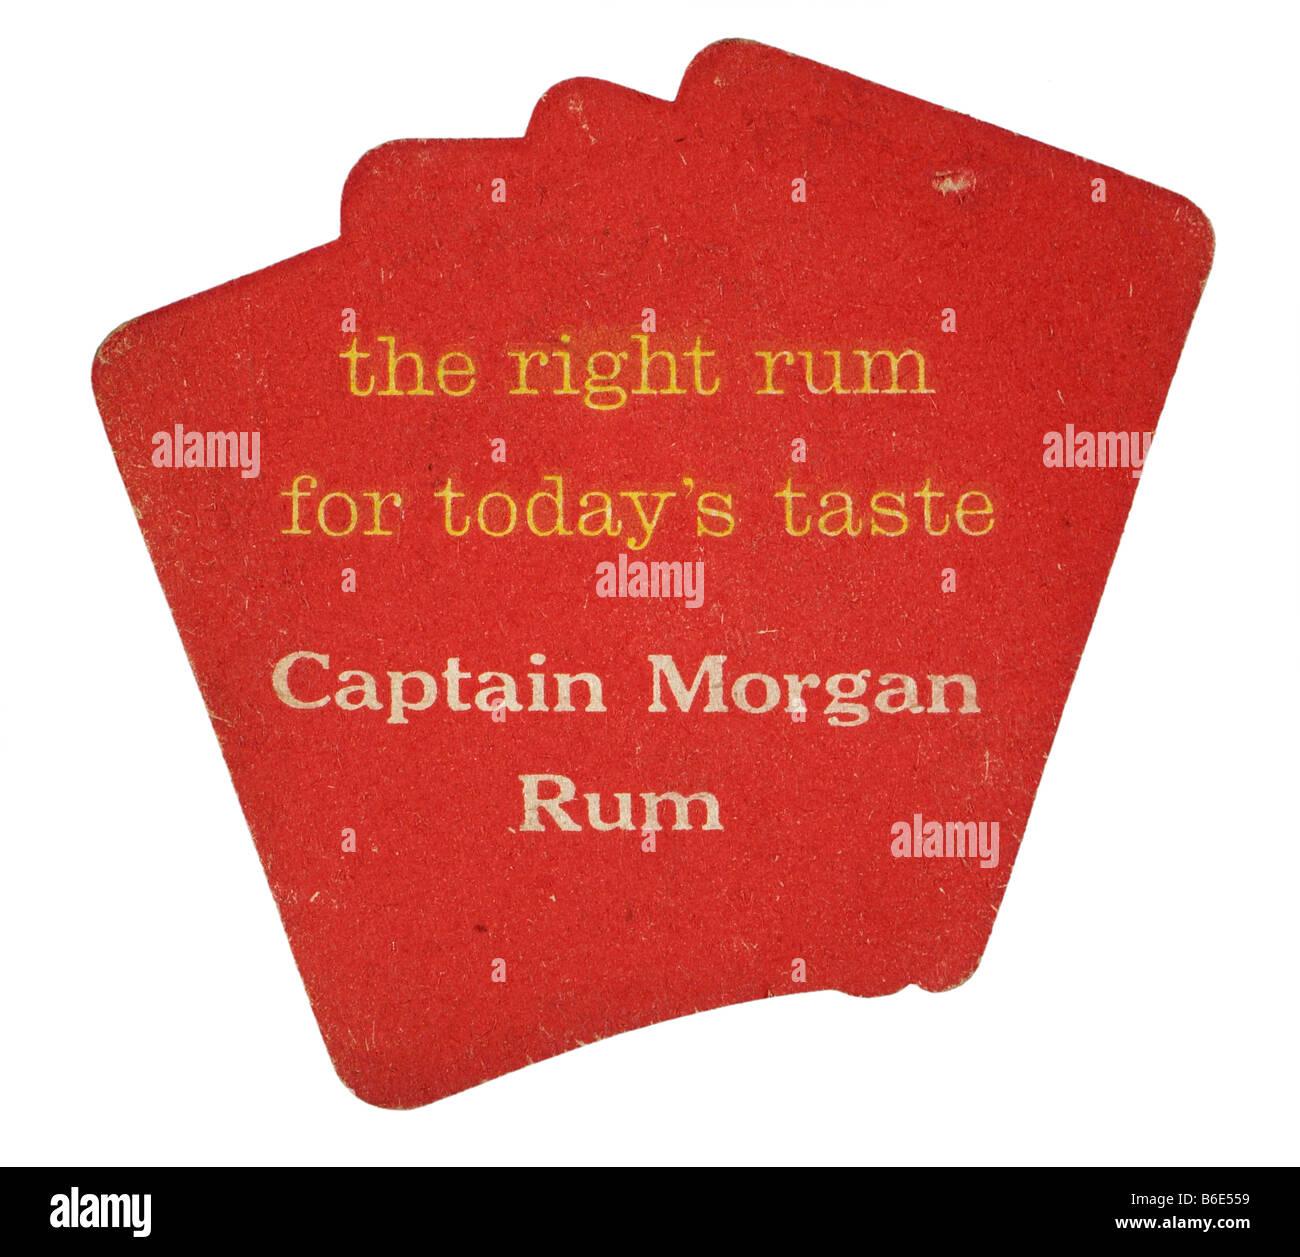 Il diritto di rum per il gusto di oggi Captain Morgan rum Immagini Stock